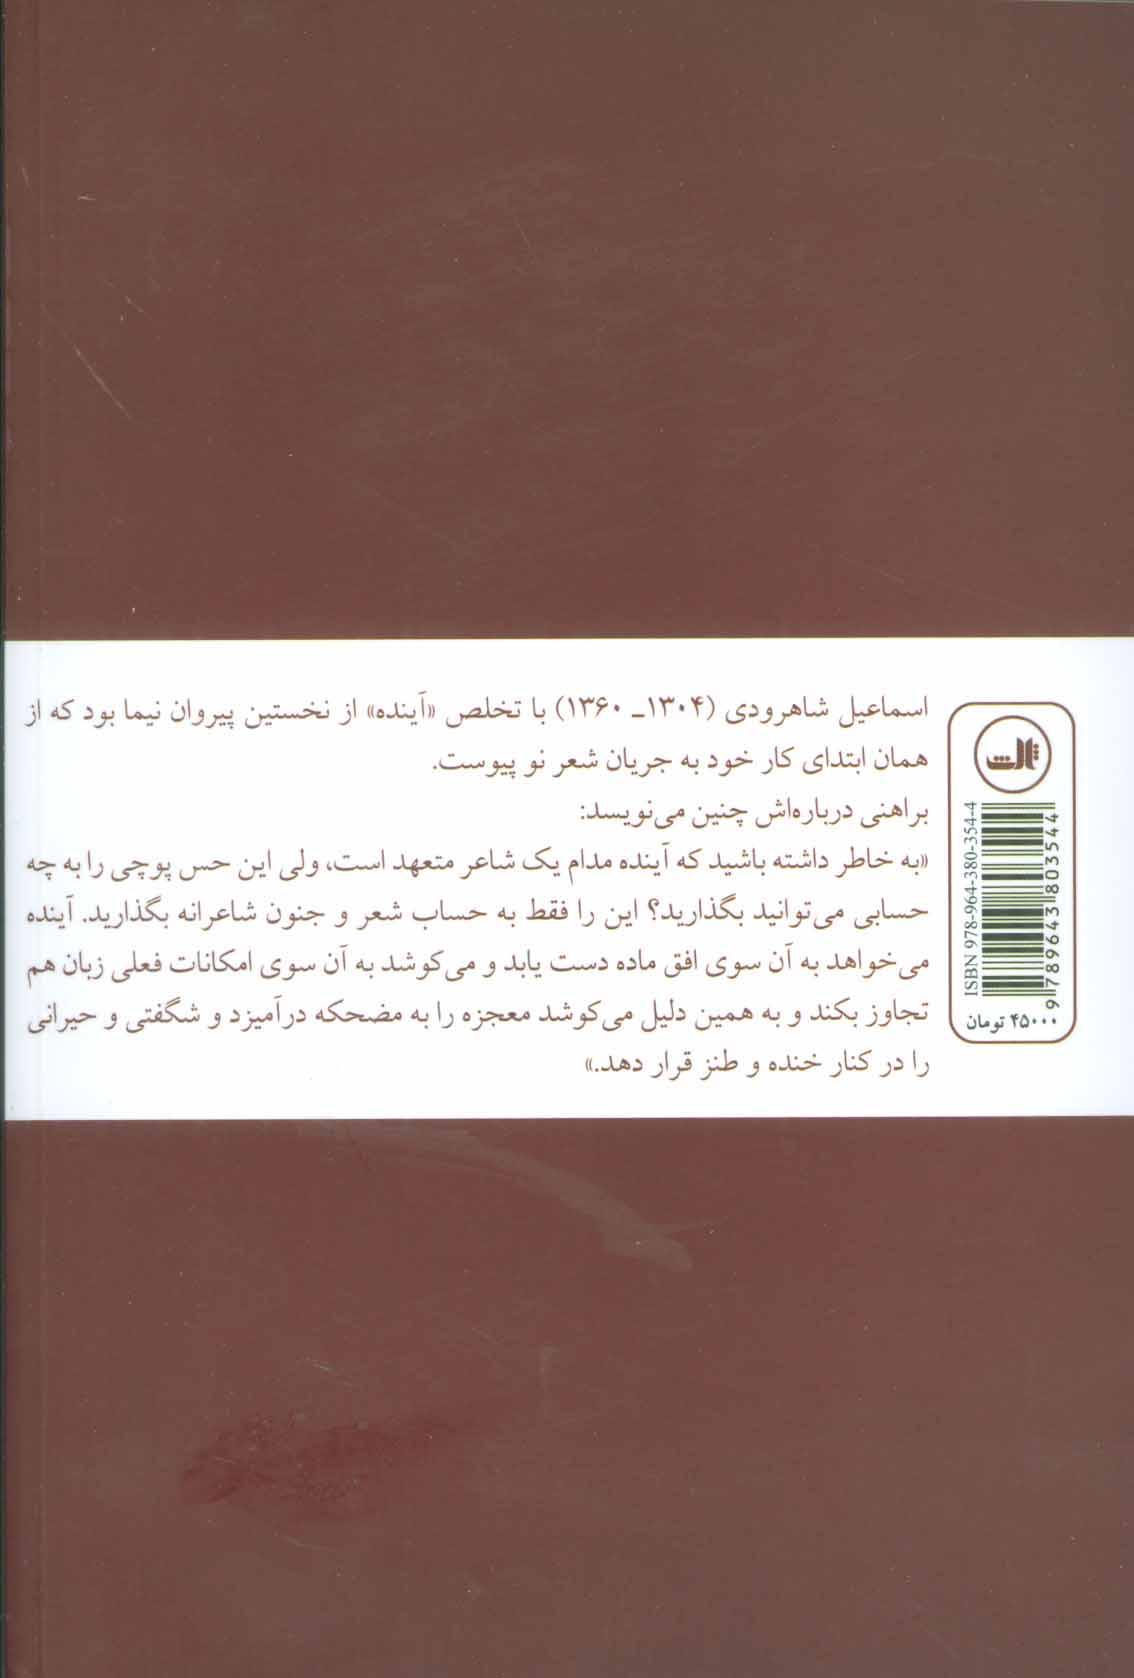 زیباتری از جنون:زندگی و شعر اسماعیل شاهرودی (چهره های شعر معاصر ایران)